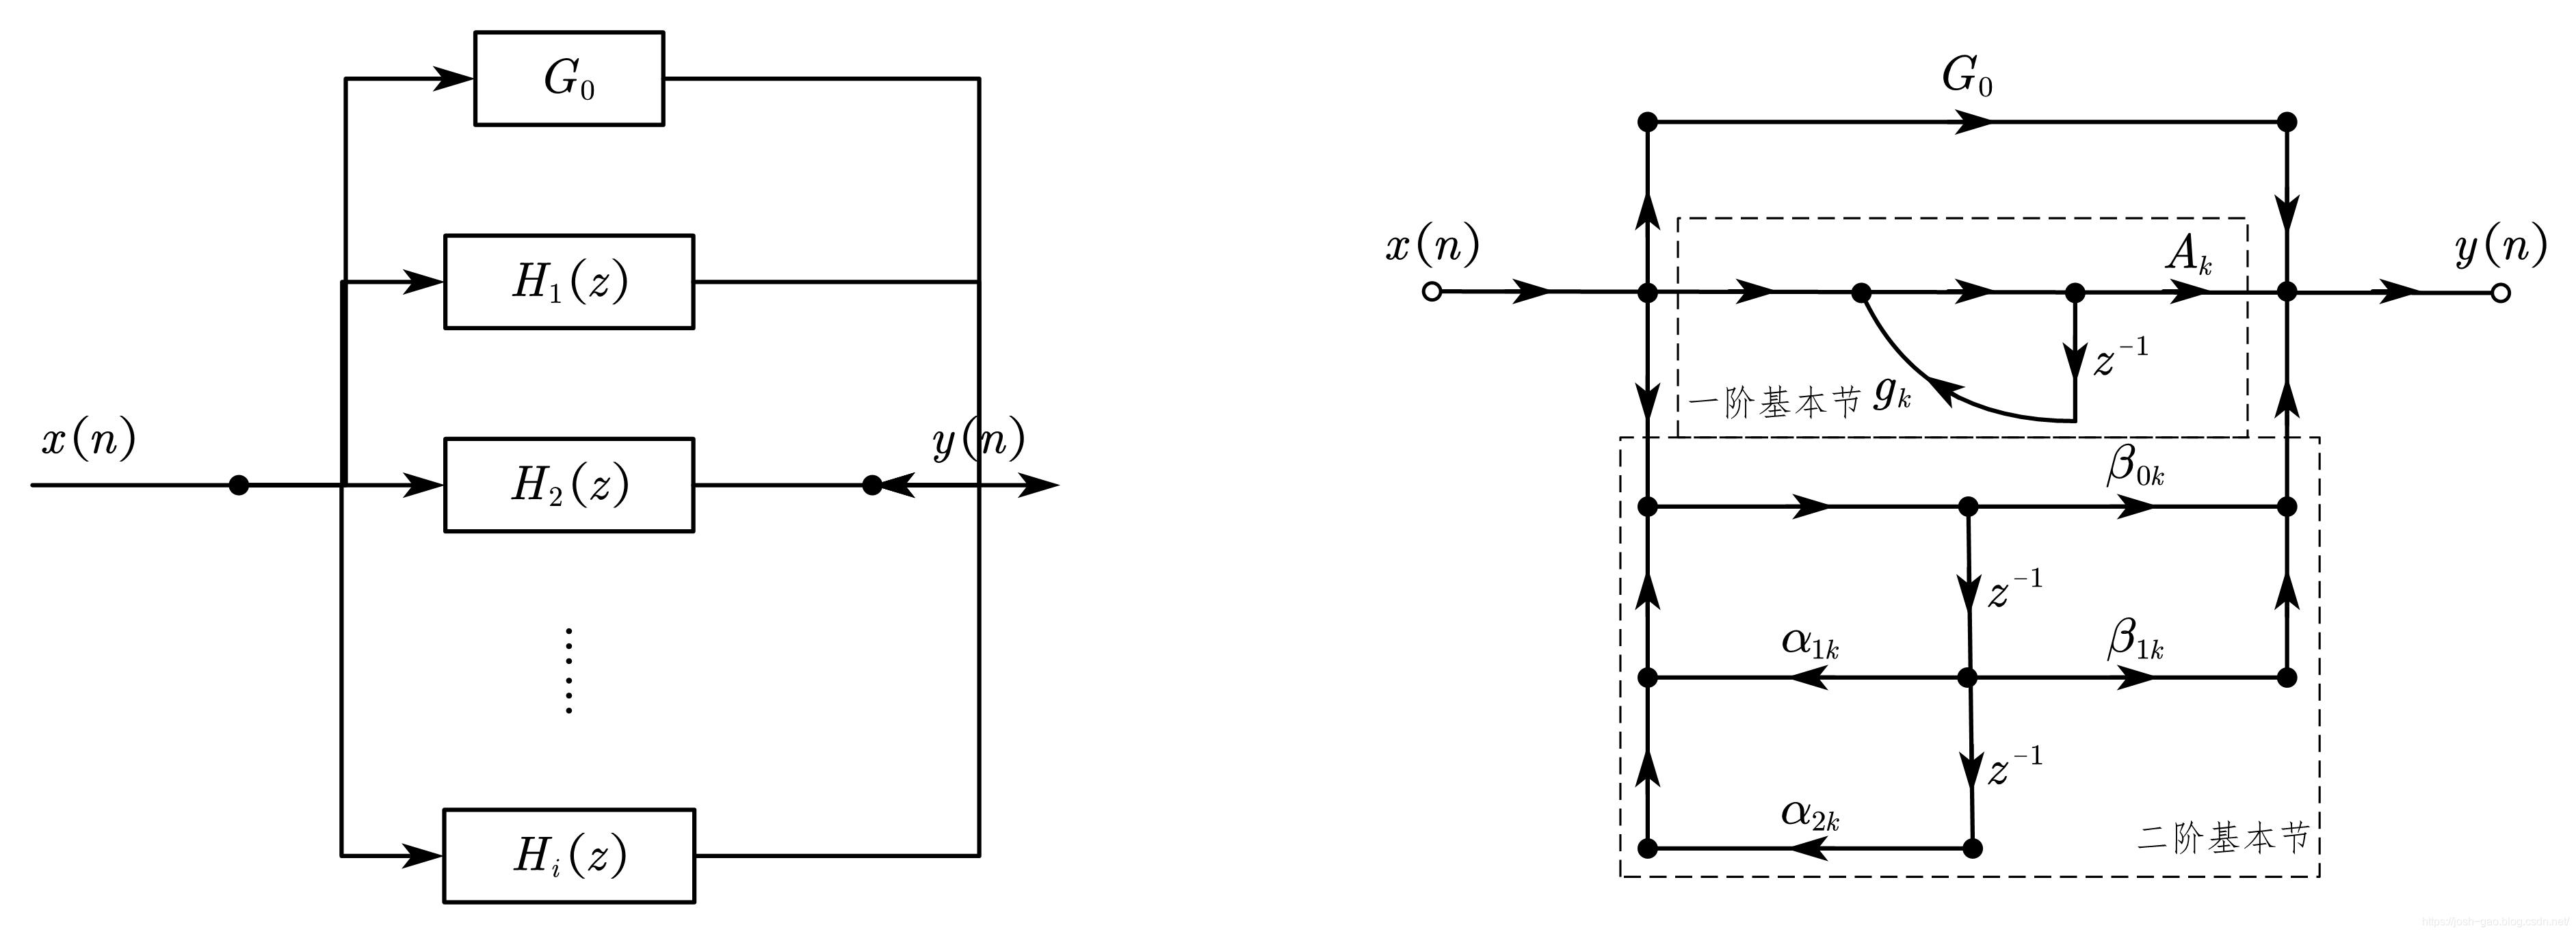 并联型 IIR 滤波器的系统框图和流图